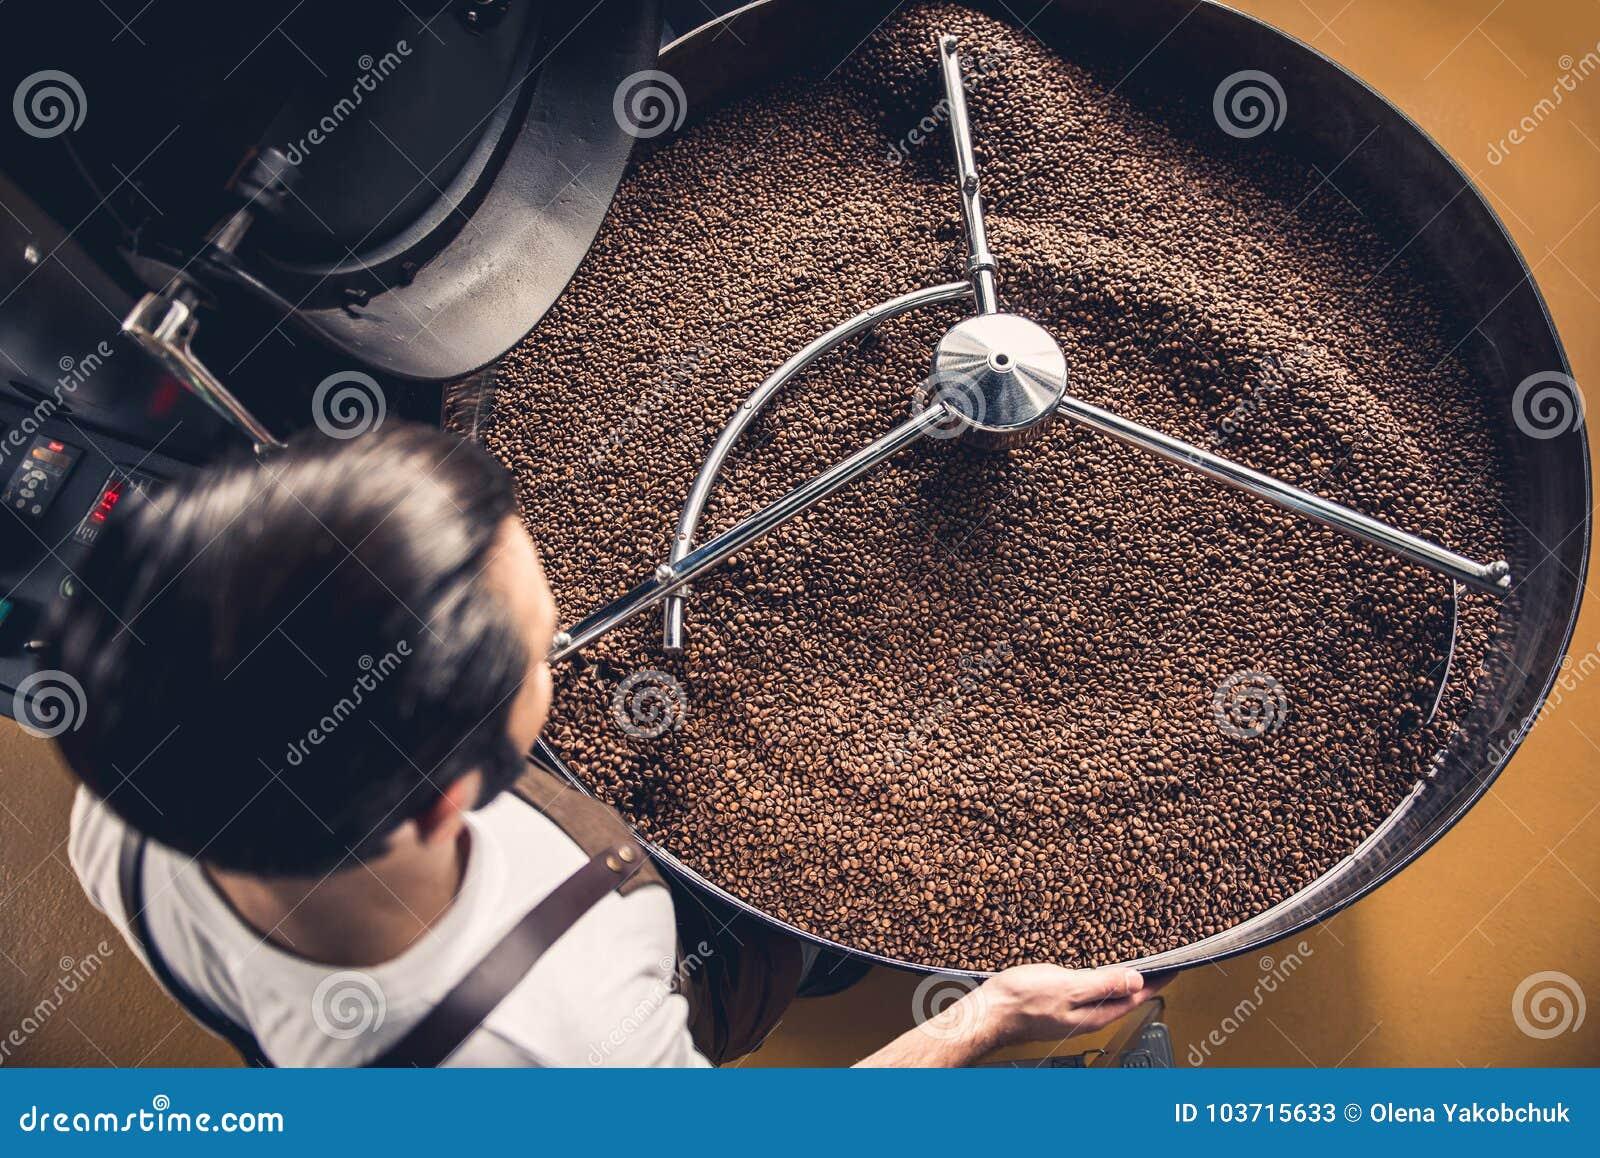 Arbeitskraft, welche die Samen finden in der Kühlwalze überprüft